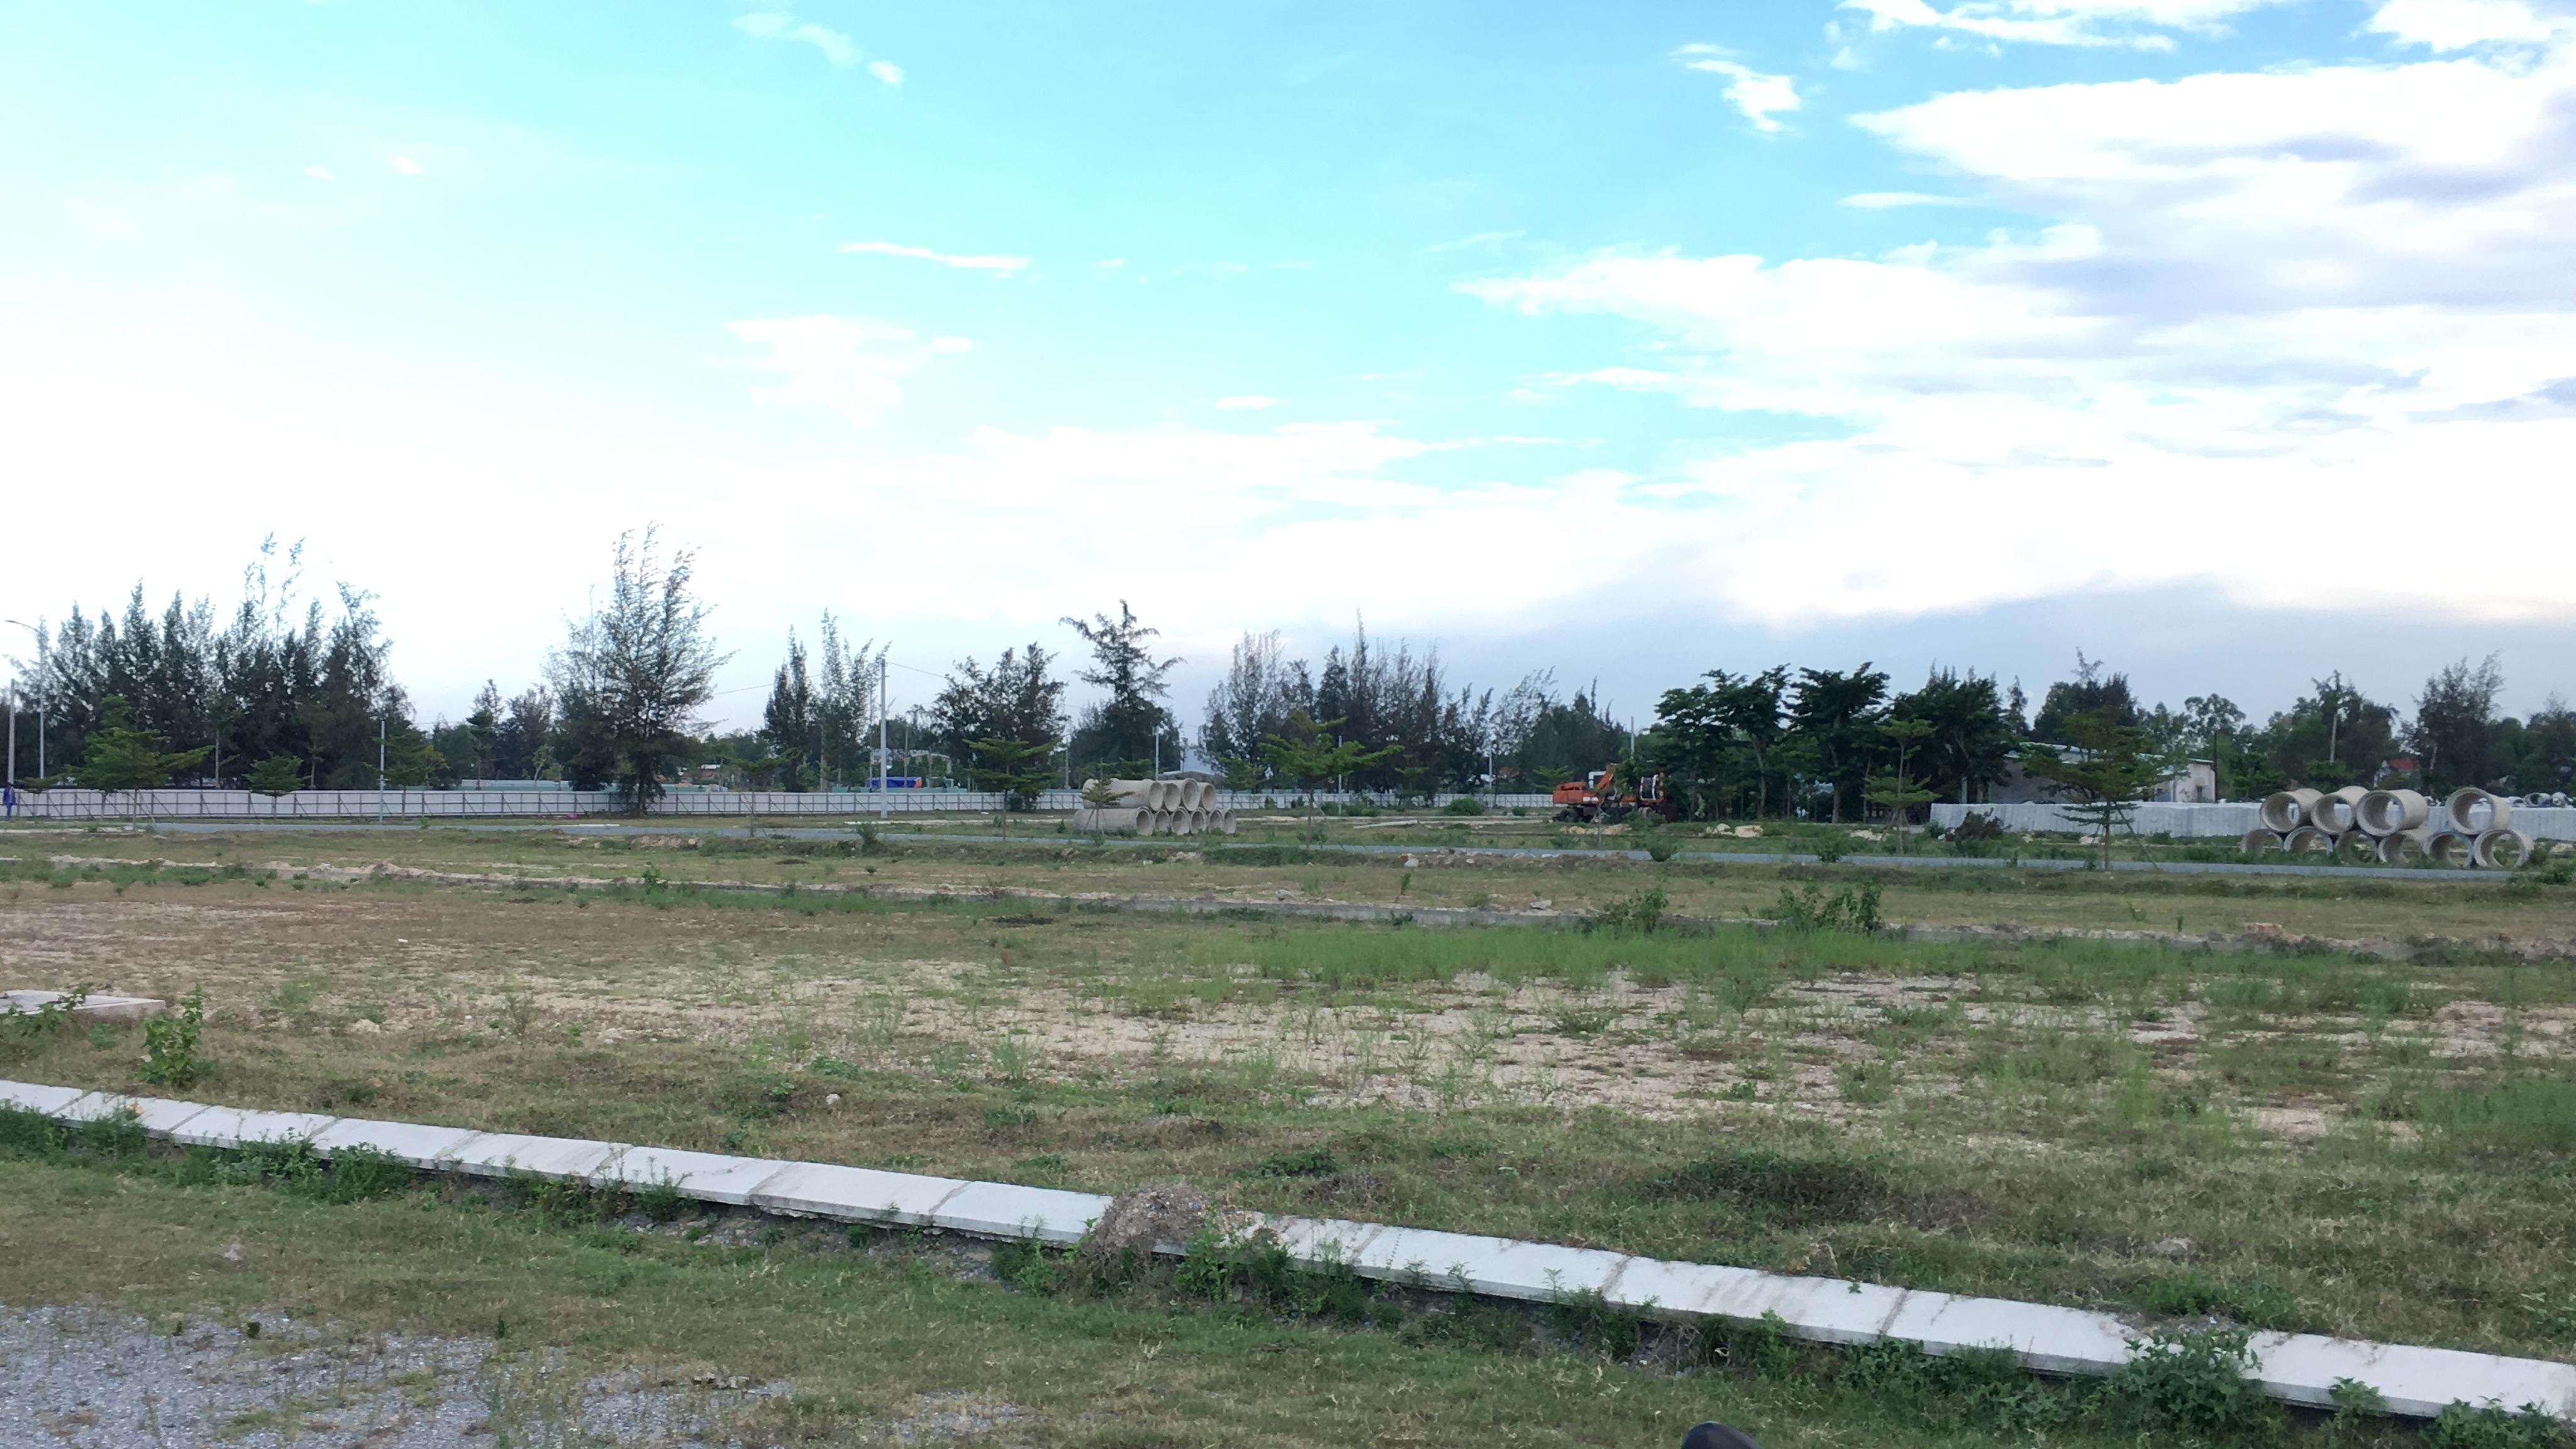 Quảng Nam: Dự án Khu đô thị 7B mở rộng hạ tầng dang dở, đang là nơi chăn thả bò - Ảnh 2.